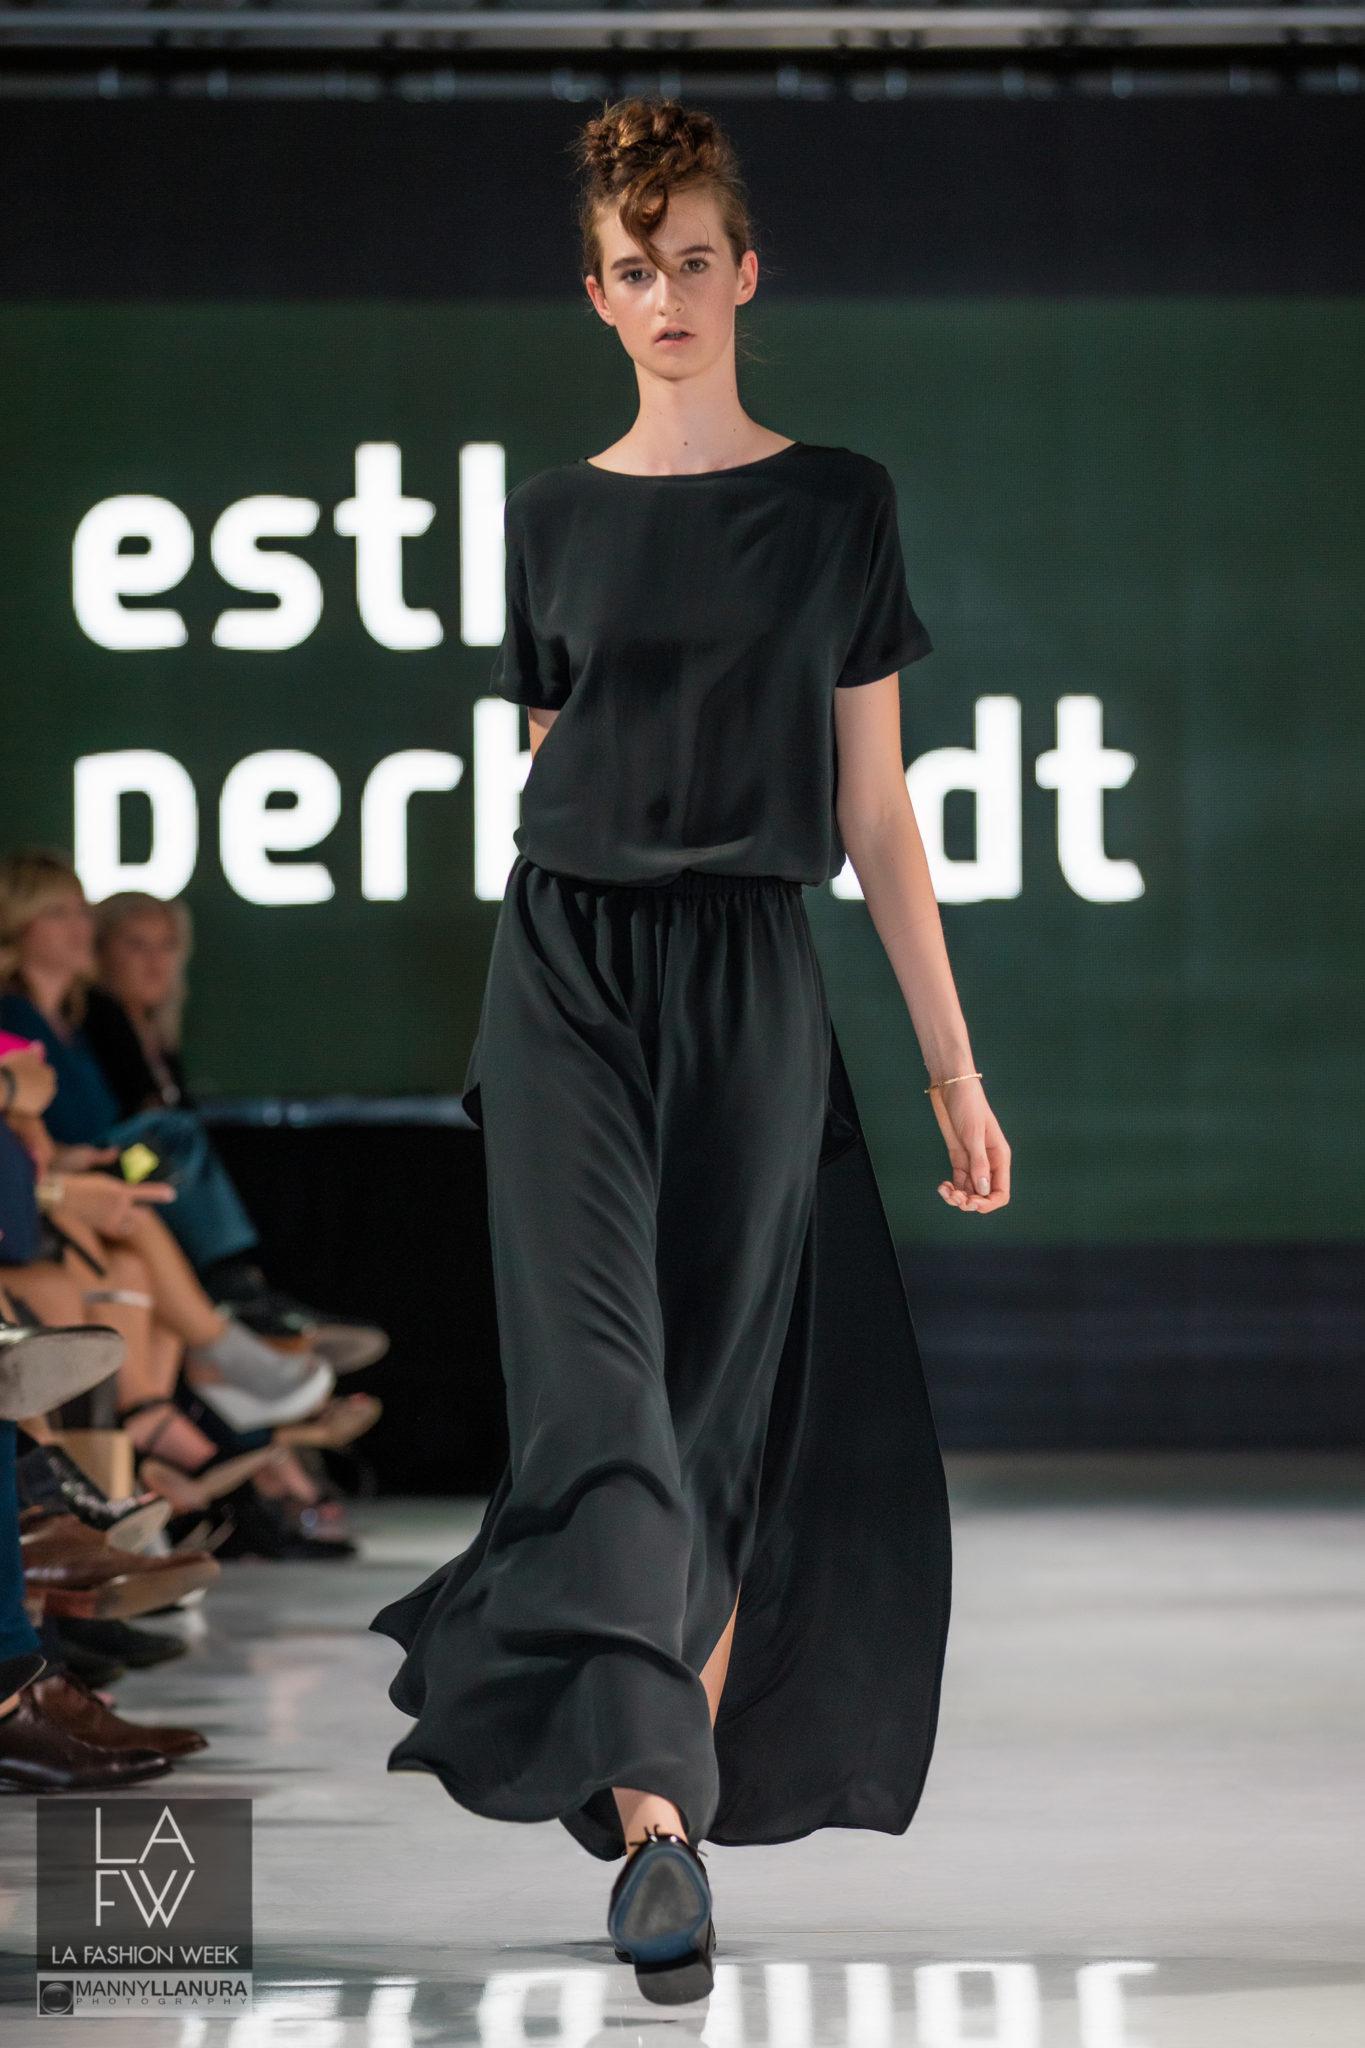 Esther Perbandt Runway LAFW LA Fashion Week 2016